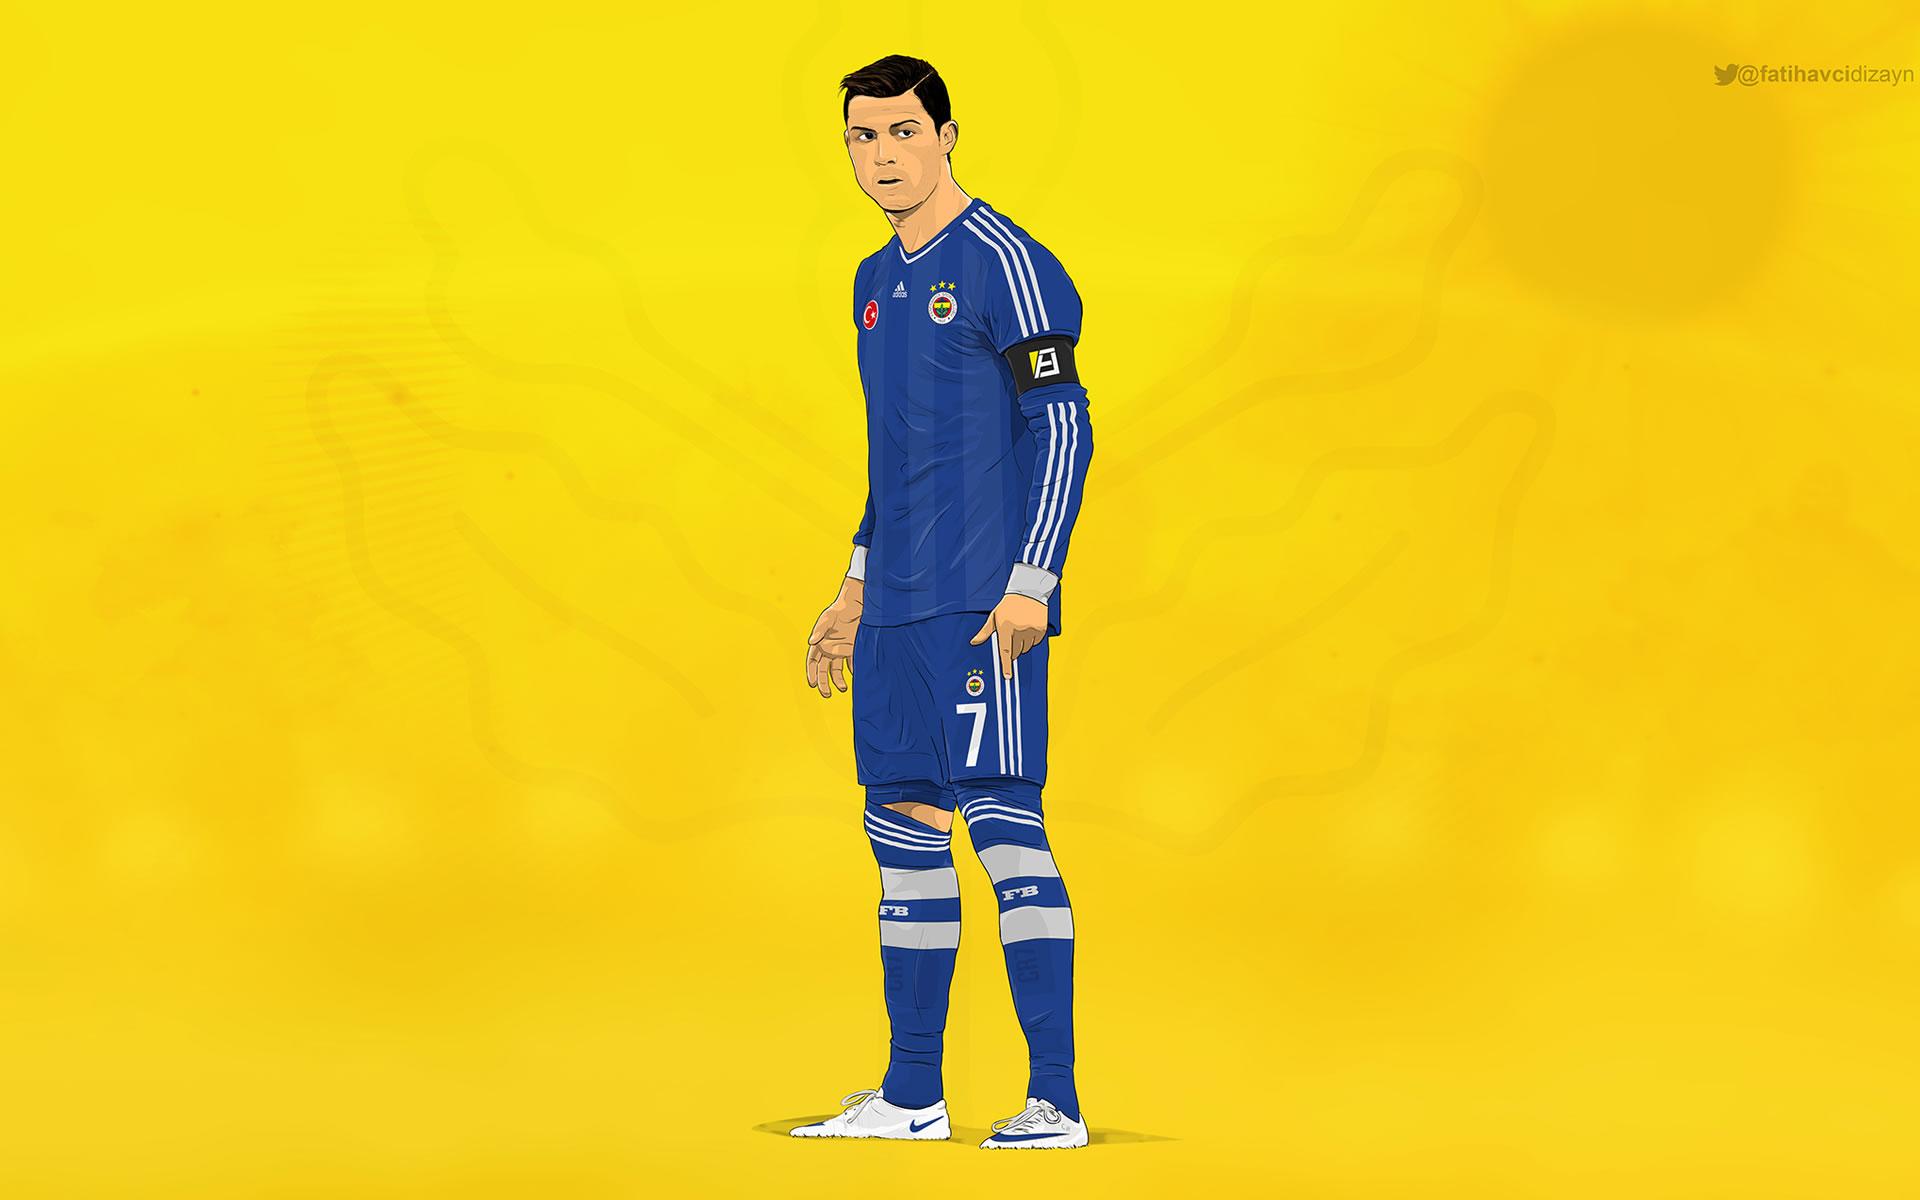 Cristiano Ronaldo Fenerbahce Wallpaper